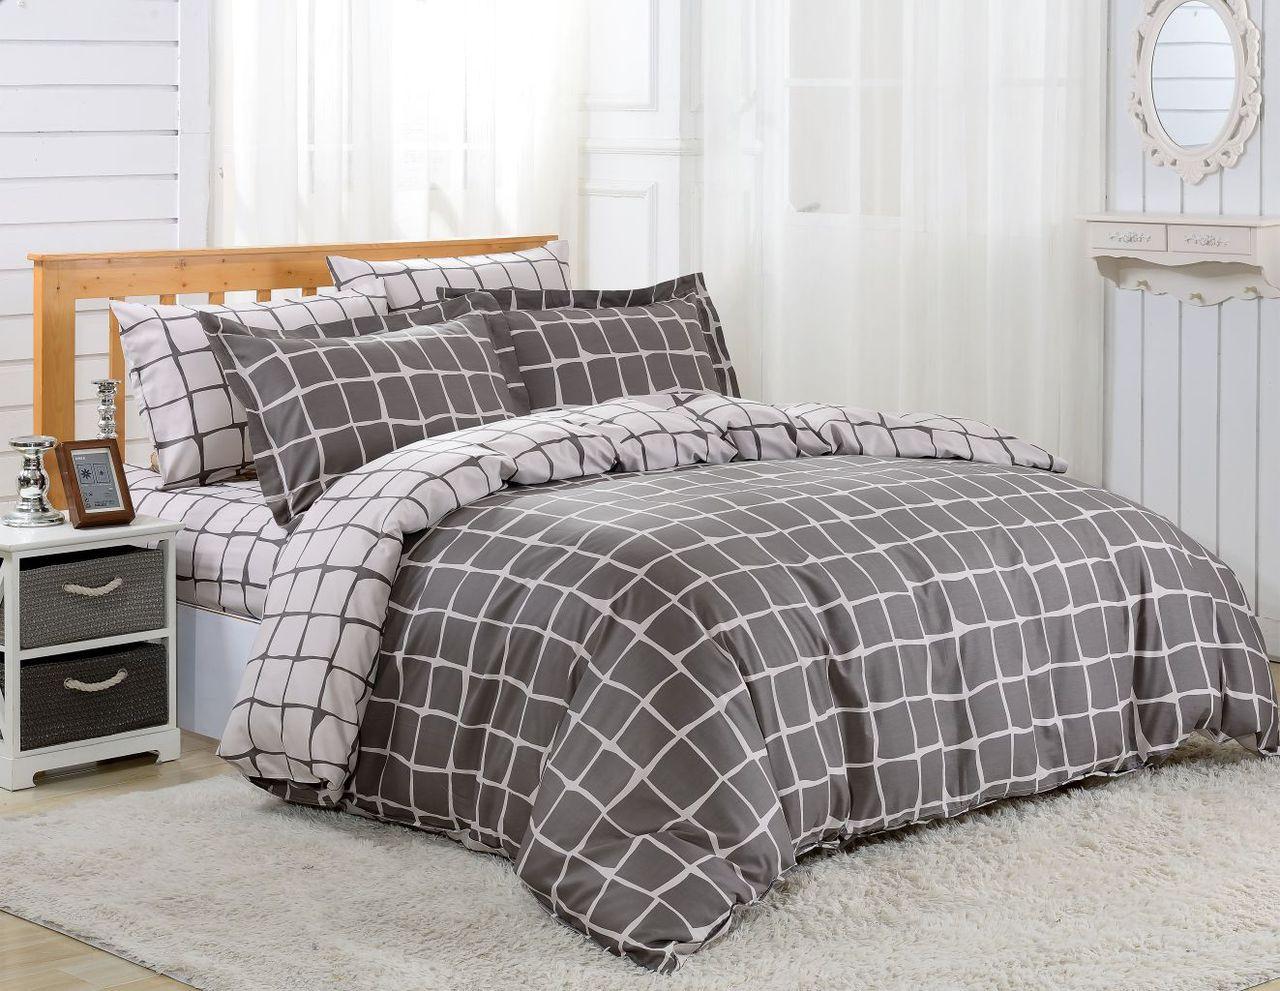 DM606Q Duvet Cover  Set, Dolce Mela Trento Bedding